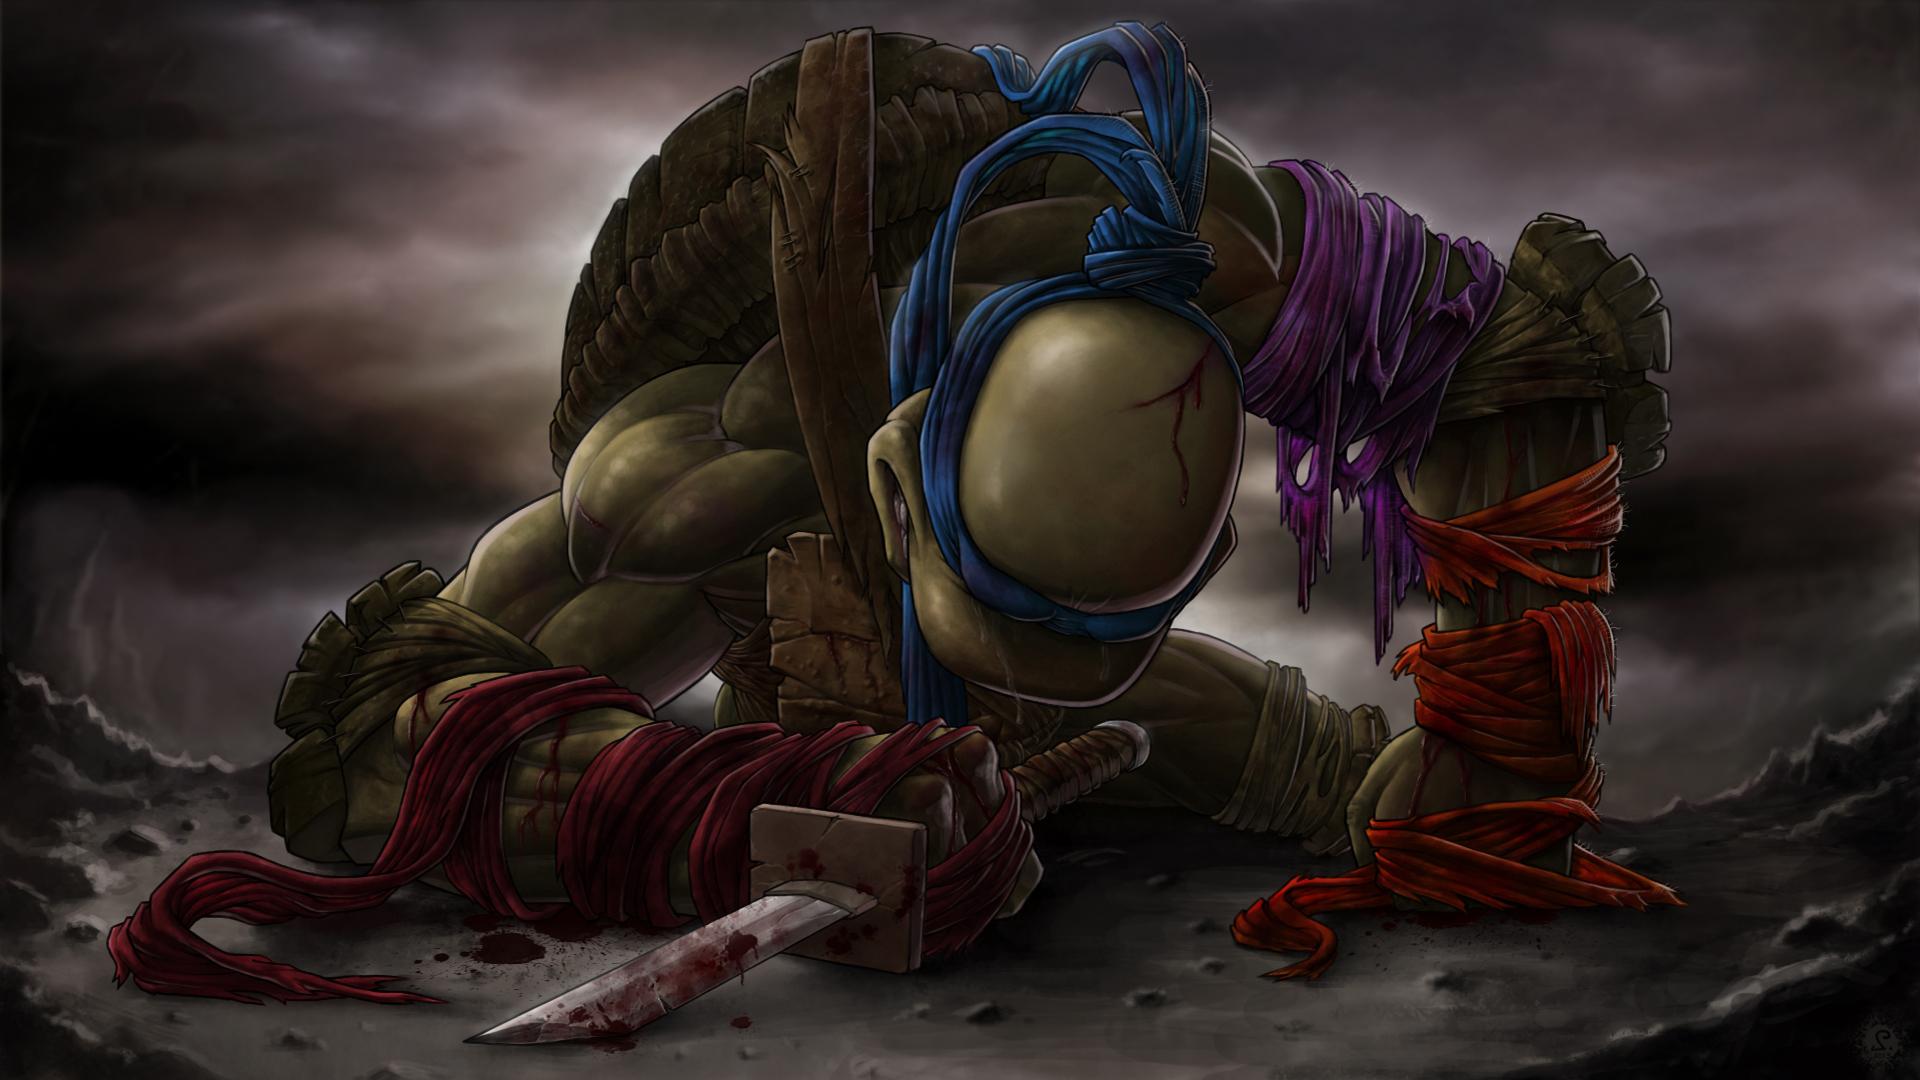 Free Download Leonardo Teenage Mutant Ninja Turtles Hd Background